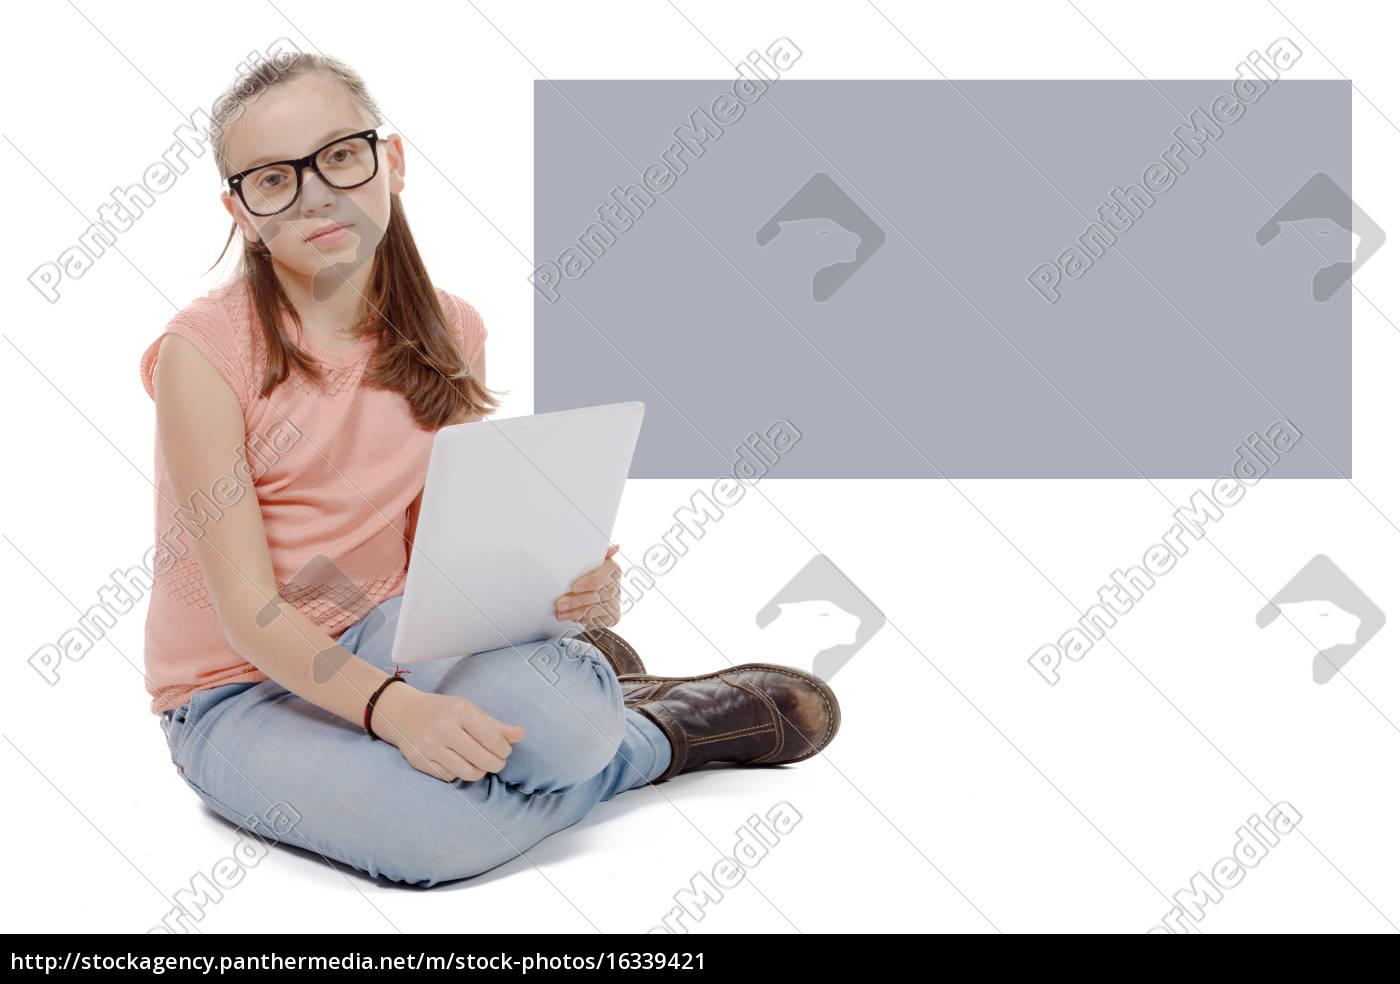 smuk, preteen, pige, med, en, tablet - 16339421